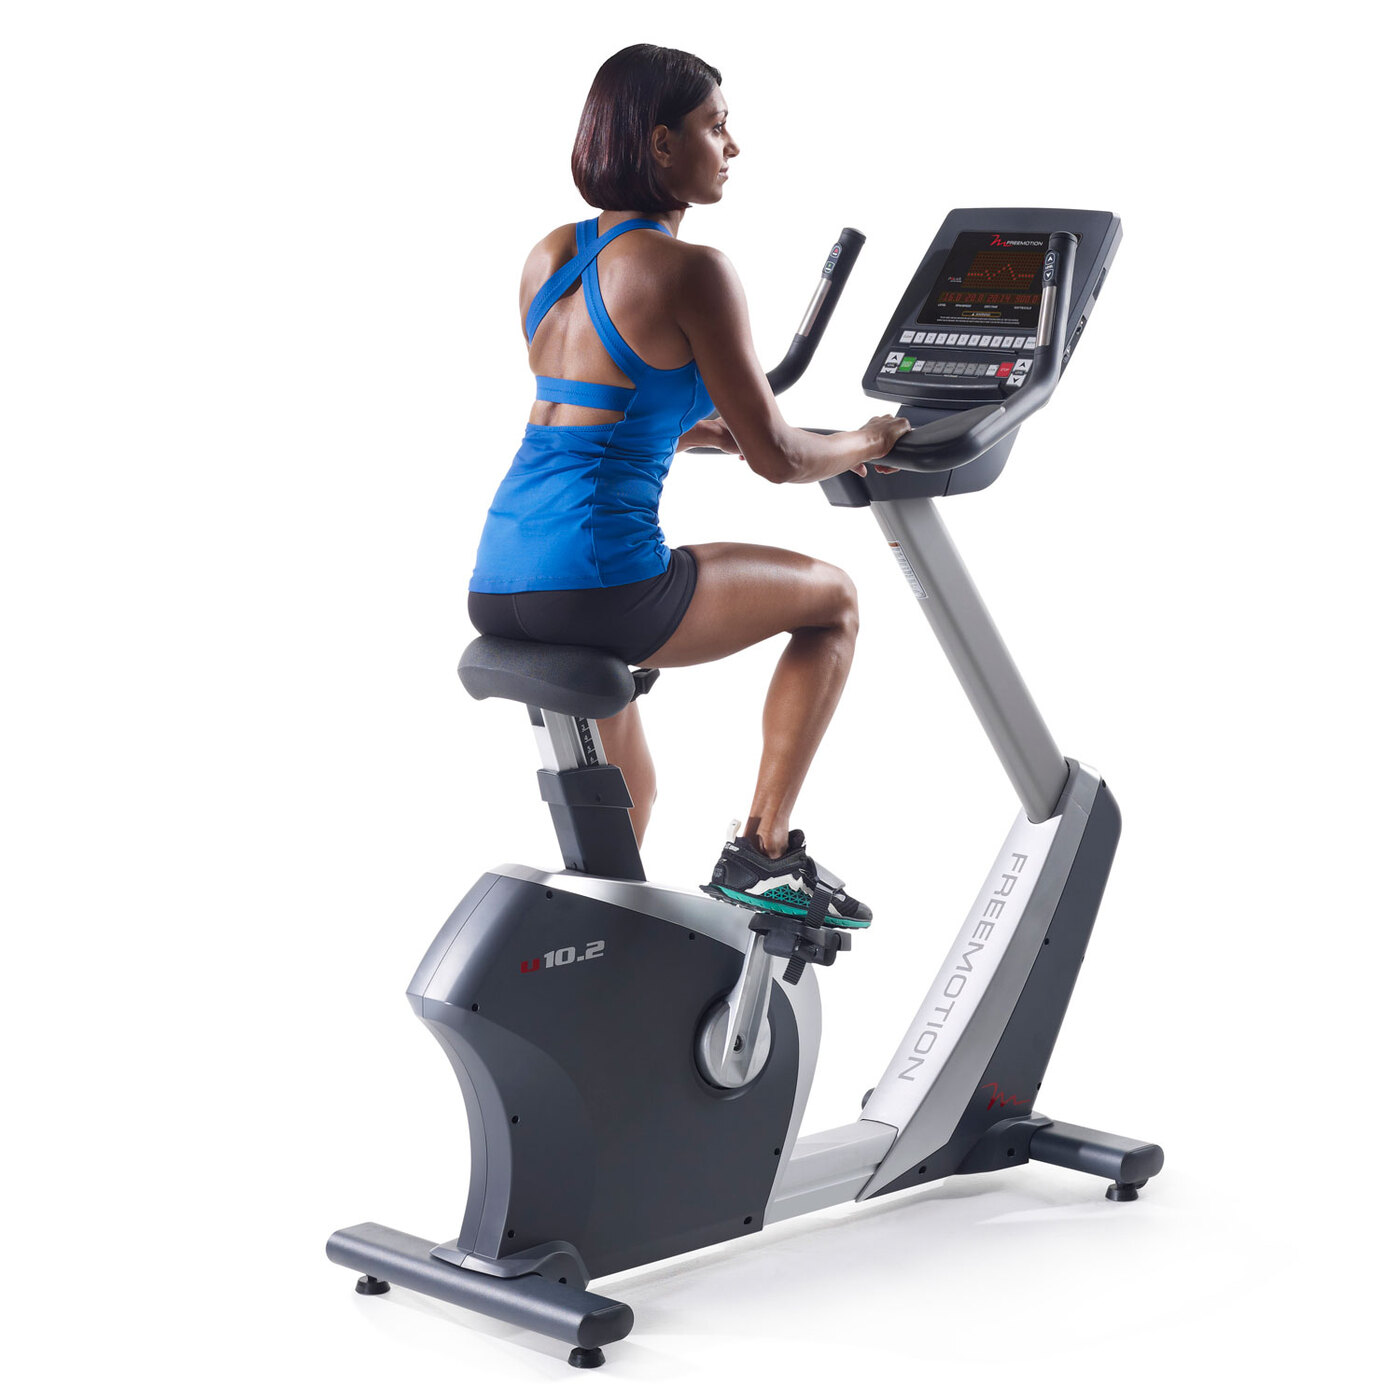 Похудеть С Велотренажером. Поможет ли велотренажер для похудения (и как правильно заниматься)